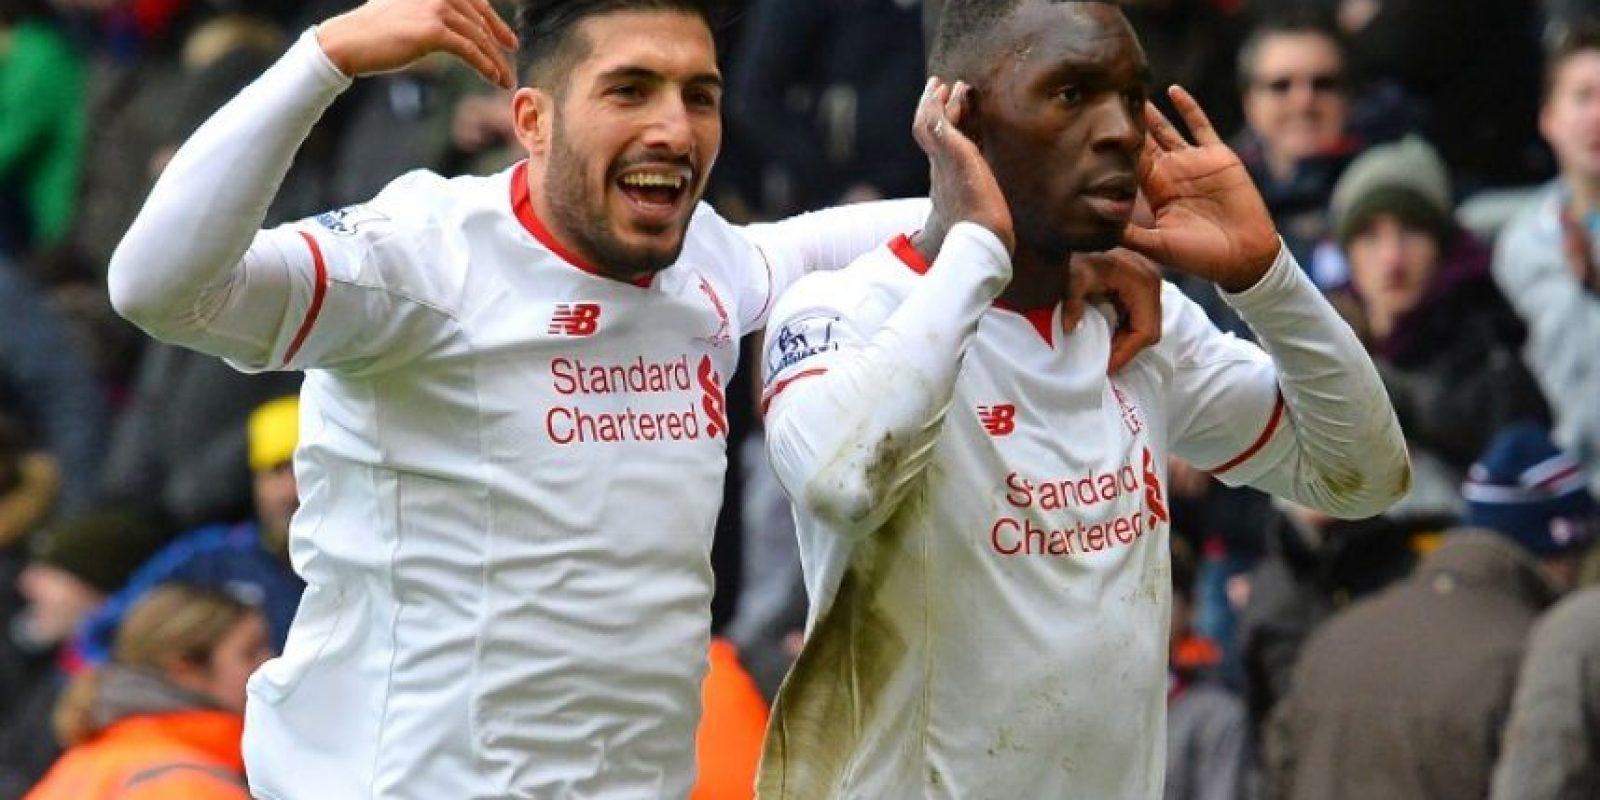 Jugadores del Liverpool celebran un gol en un partido de la Premier League. Foto:AFP